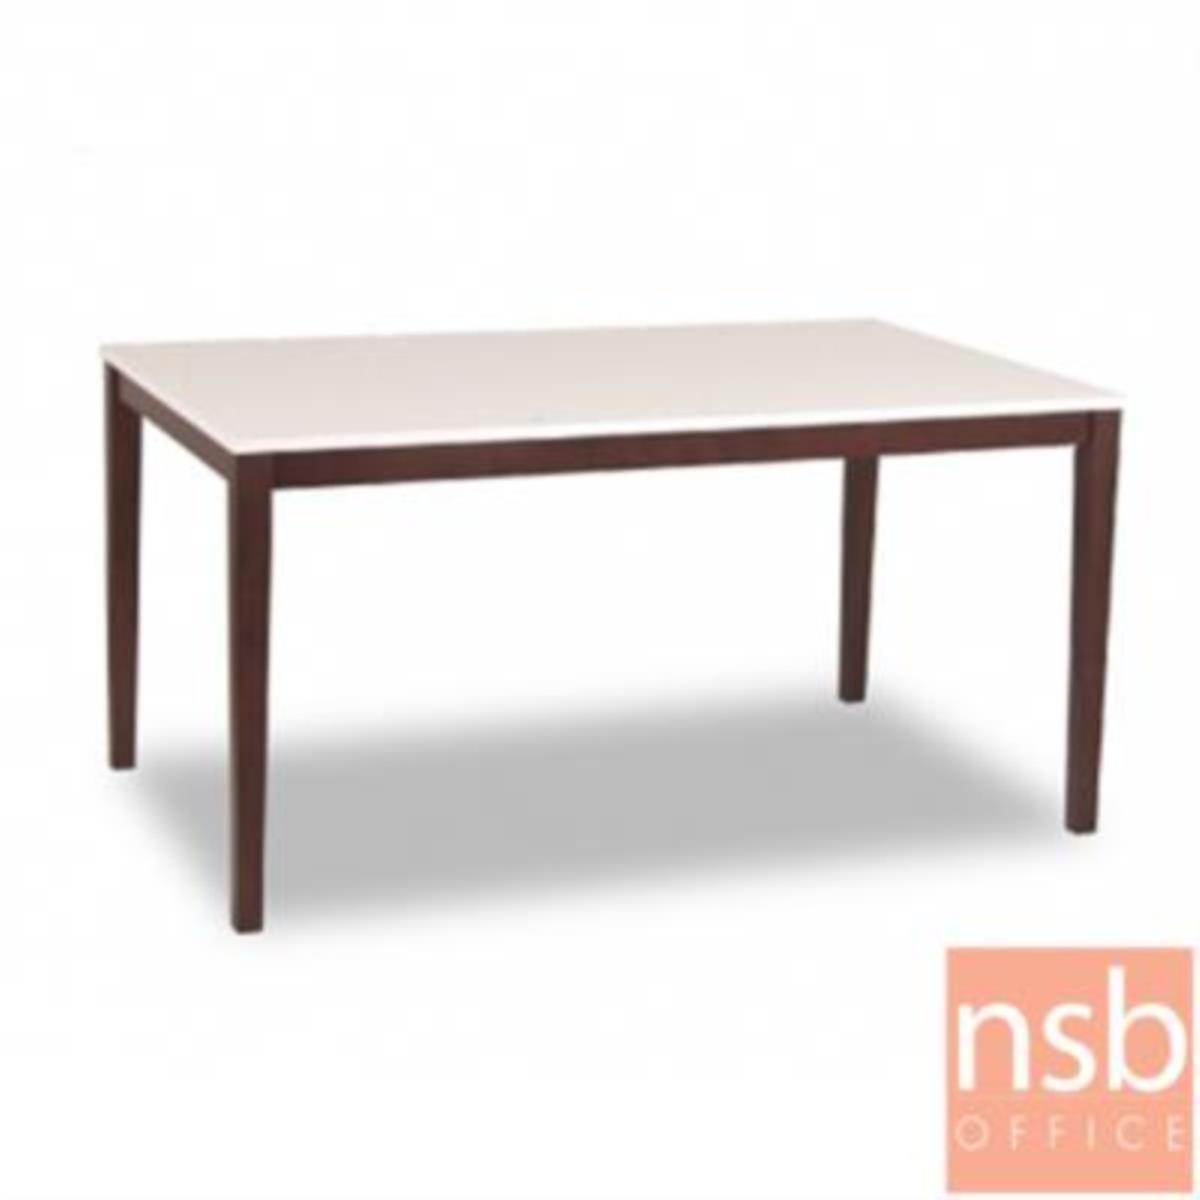 G14A165:โต๊ะรับประทานอาหารหน้าไฮกลอส  รุ่น GD-SK ขนาด 120W cm.  ขาไม้พ่นสีโอ๊ค